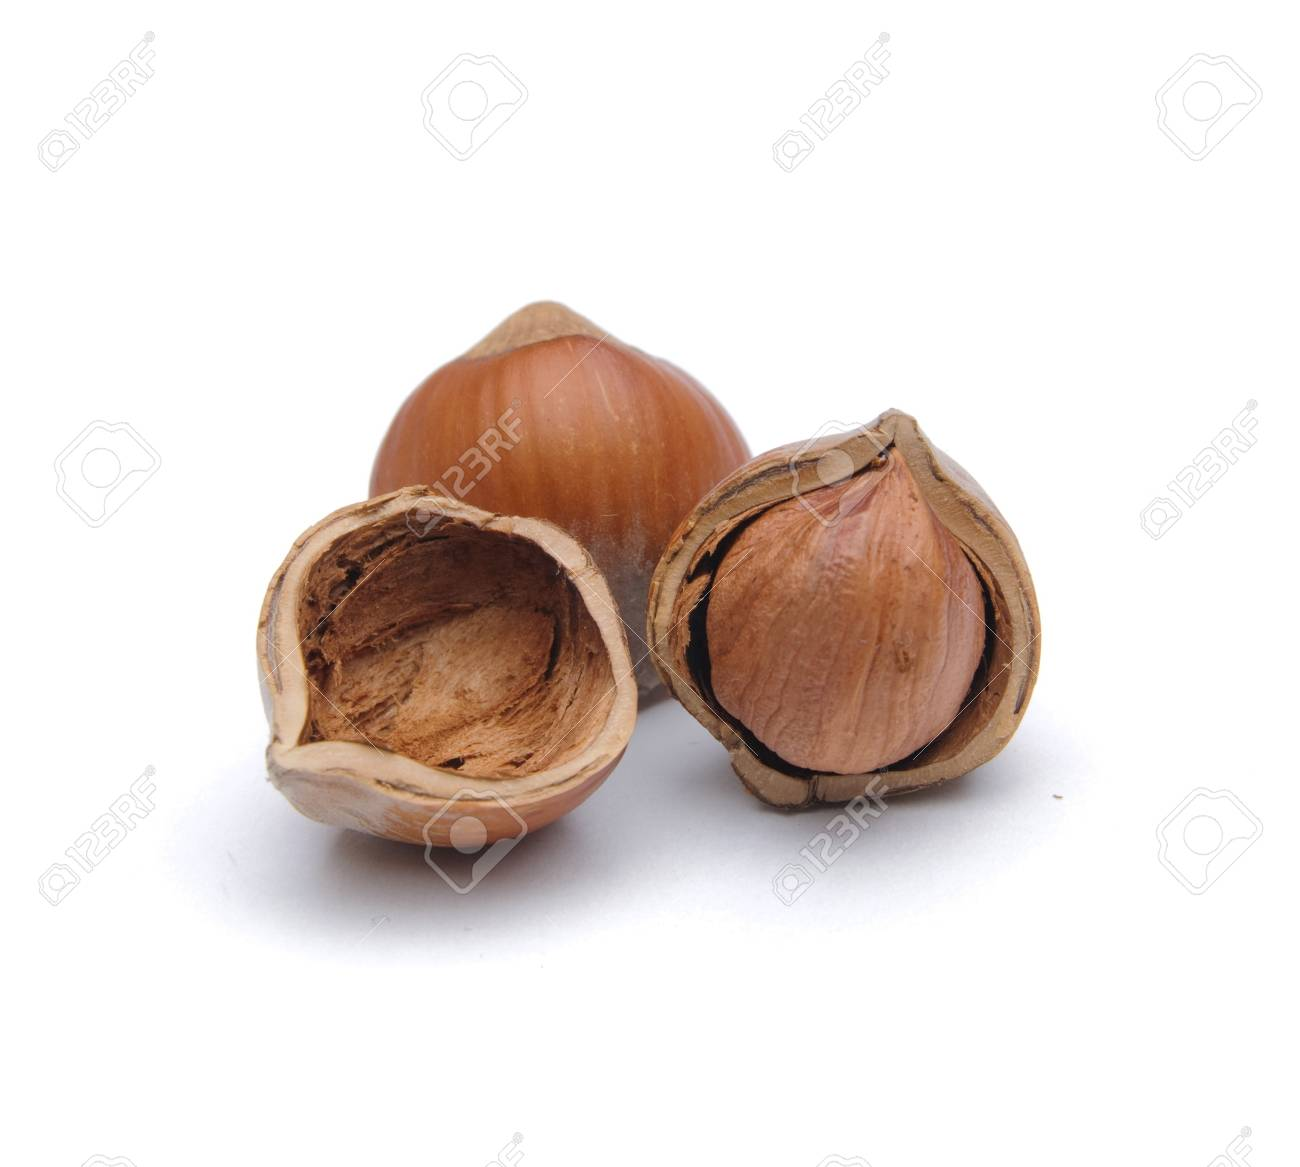 Isolated  hazelnuts Stock Photo - 4465293